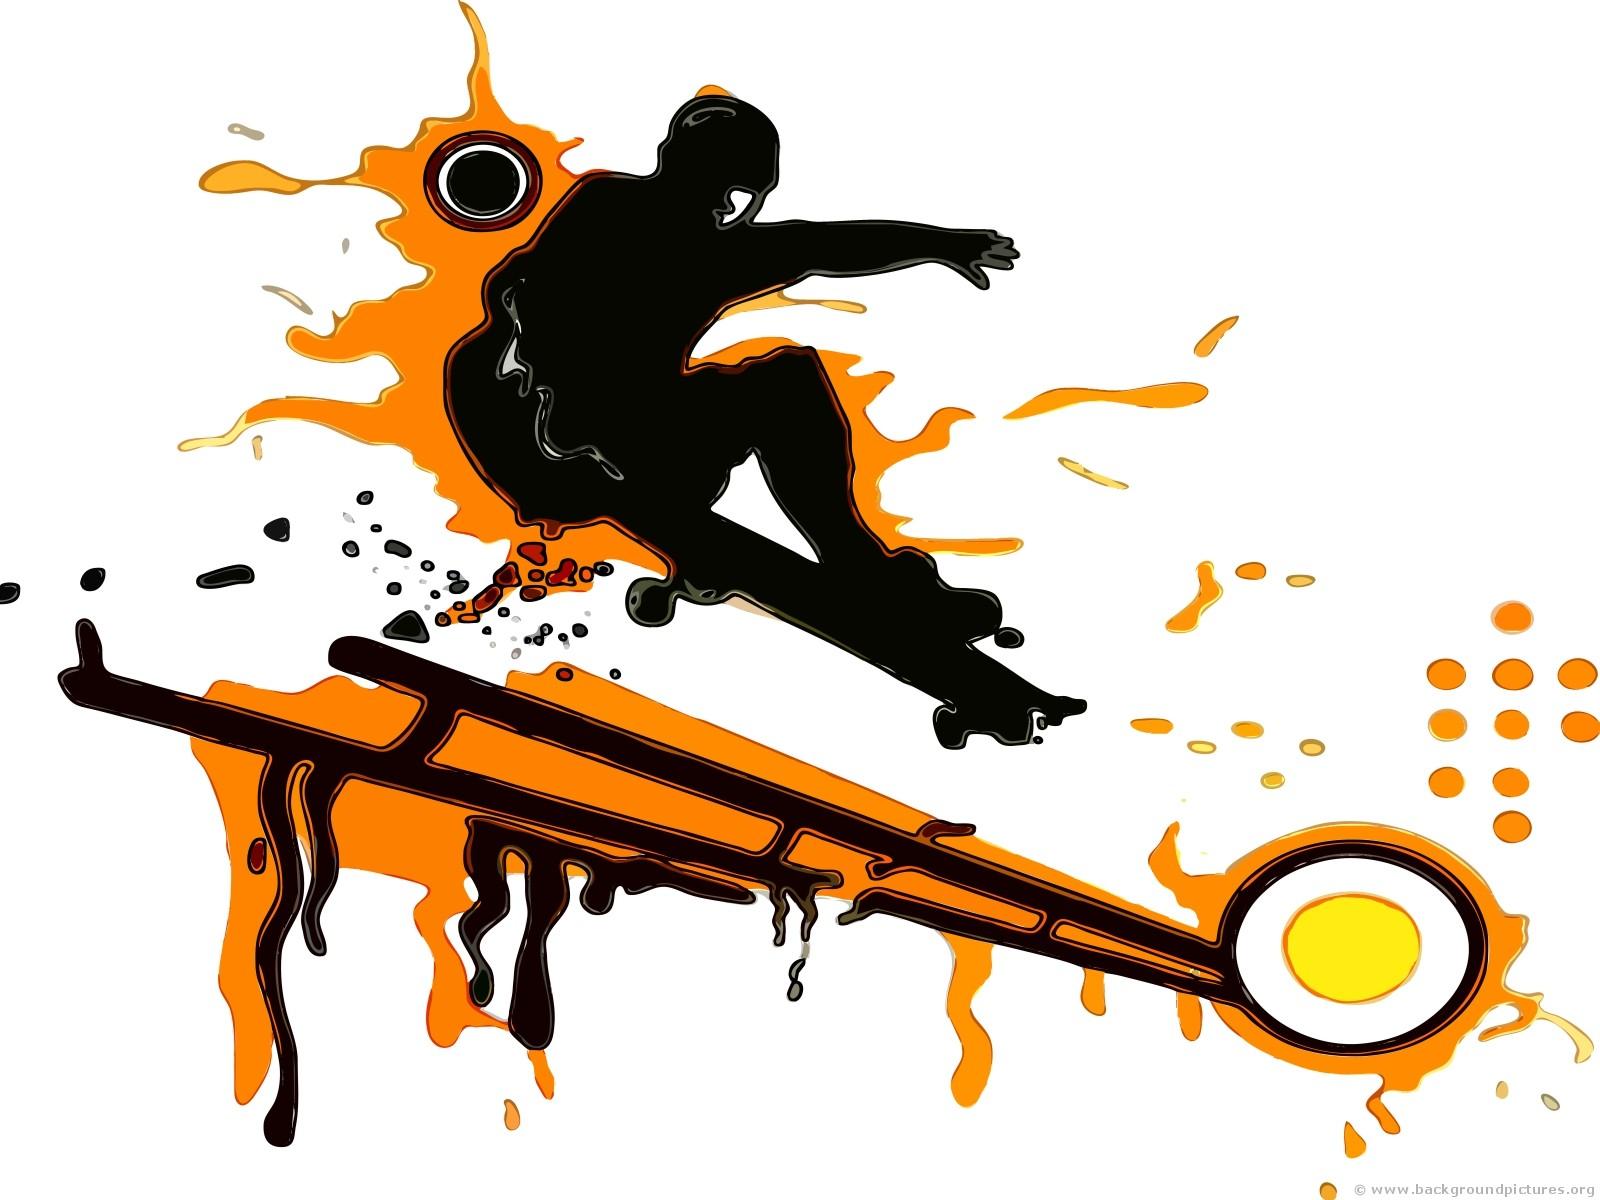 http://1.bp.blogspot.com/-amEKFYDQPyY/TZVQtgurrmI/AAAAAAAAAqQ/_SPQSMSauPU/s1600/skateboard_2.jpg